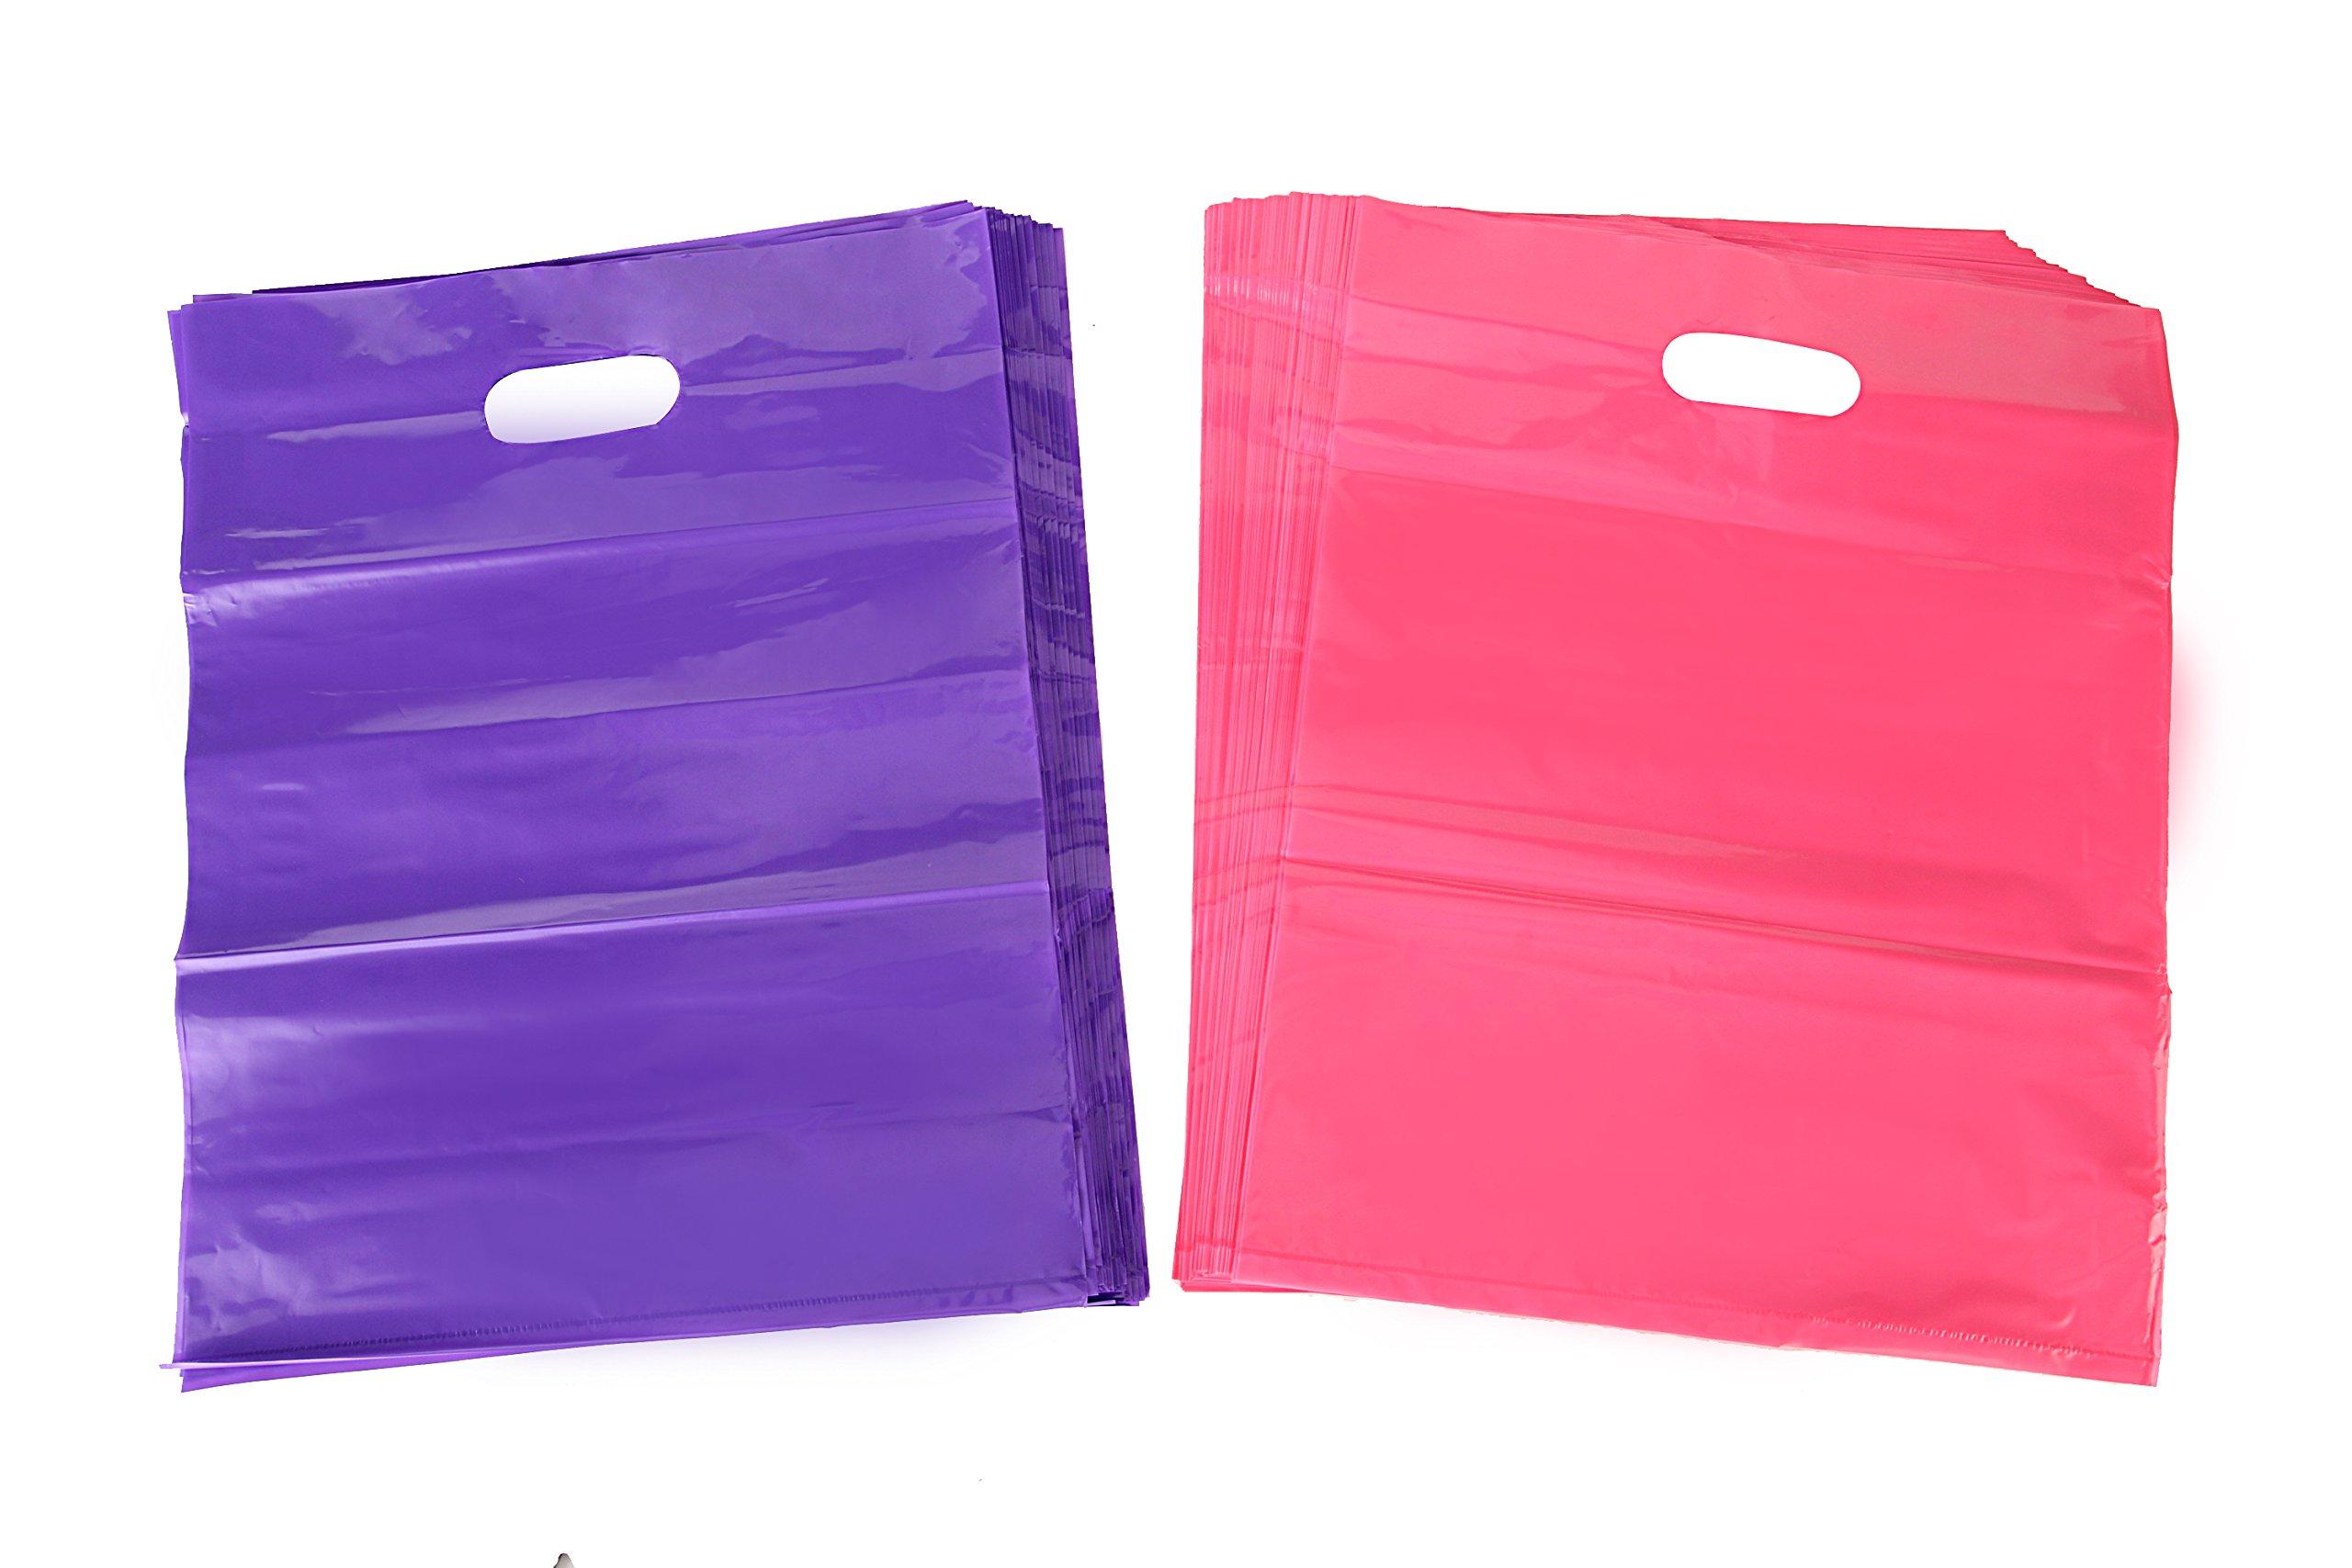 Boutique 100 16x18 LILAC PURPLE Plastic Retail Die-Cut Handle Merchandise Bag